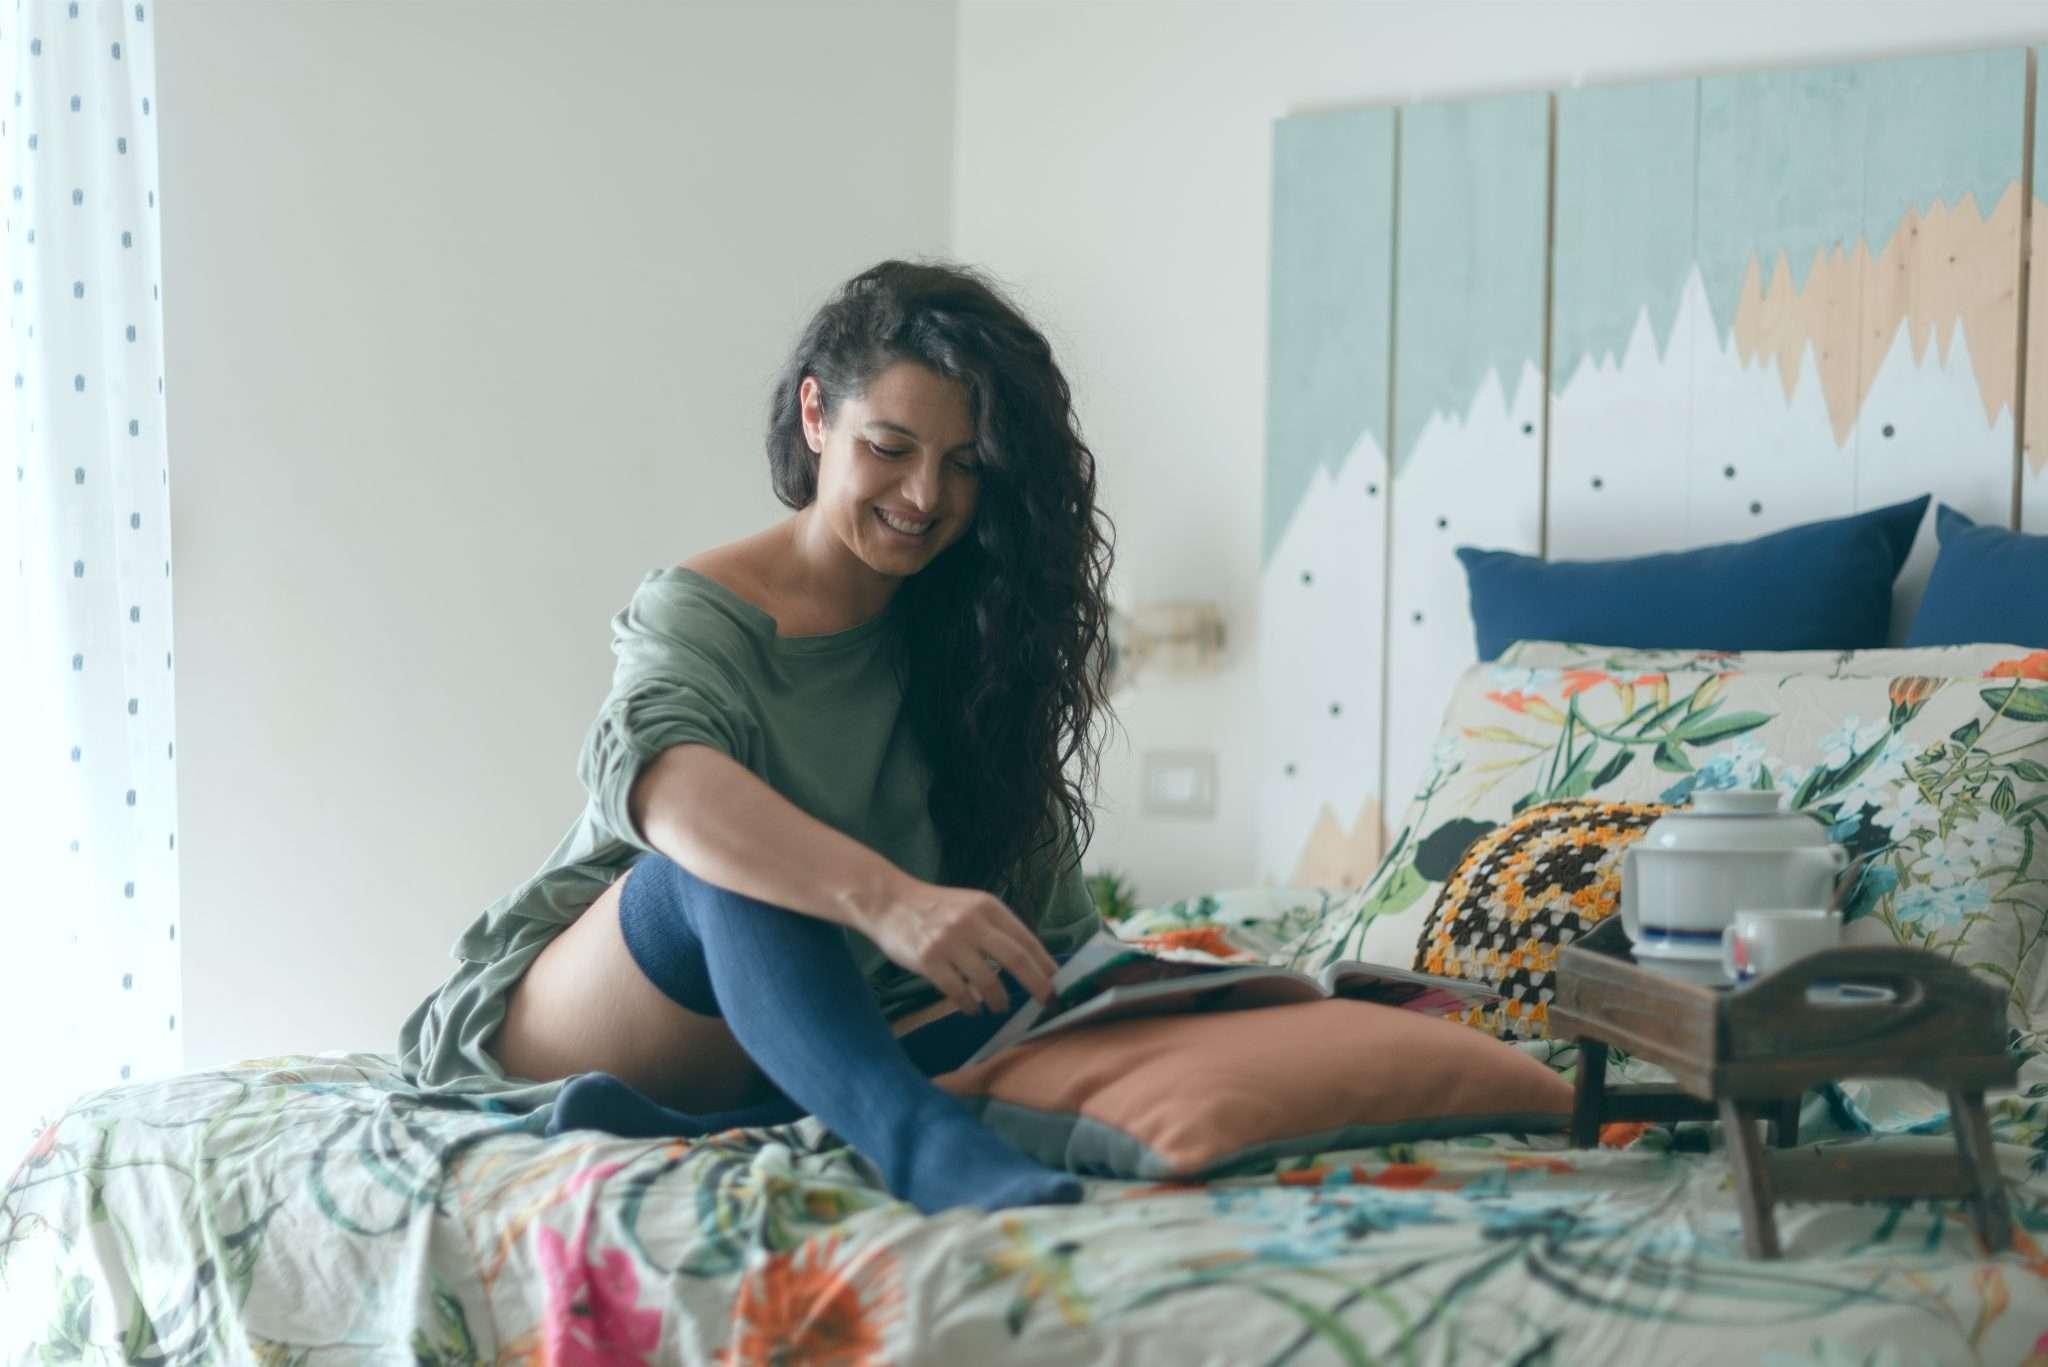 Fotografia editorial home decor Napoli realizzata da Barbara Trincone fotografa ritrattista professionista di Napoli, esegue servizi di creazione ed ampliamento lookbook per modelle/i e attori